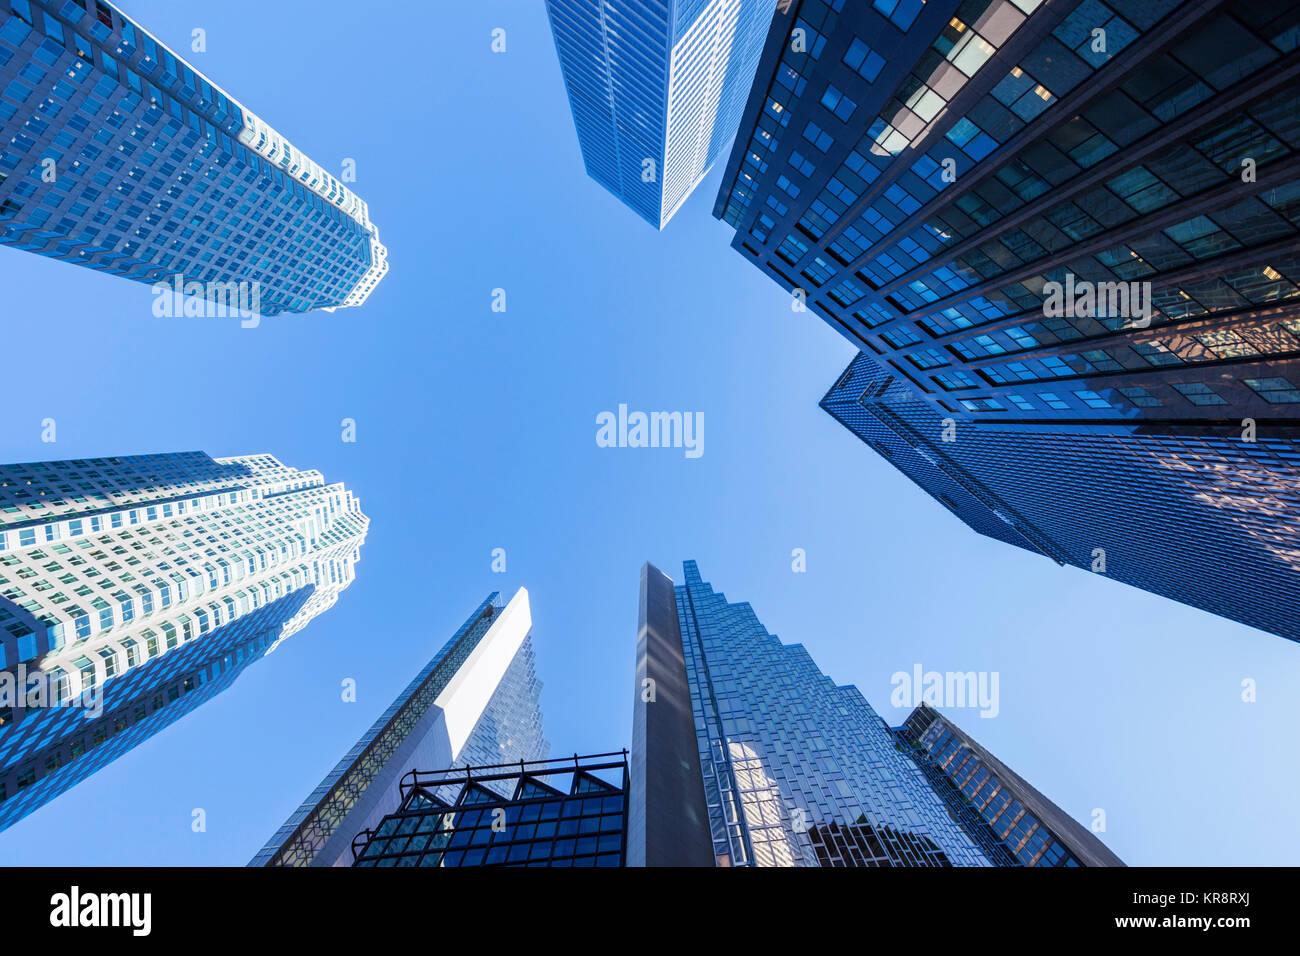 Canada, Ontario, Toronto, Skyscrapers seen from below - Stock Image